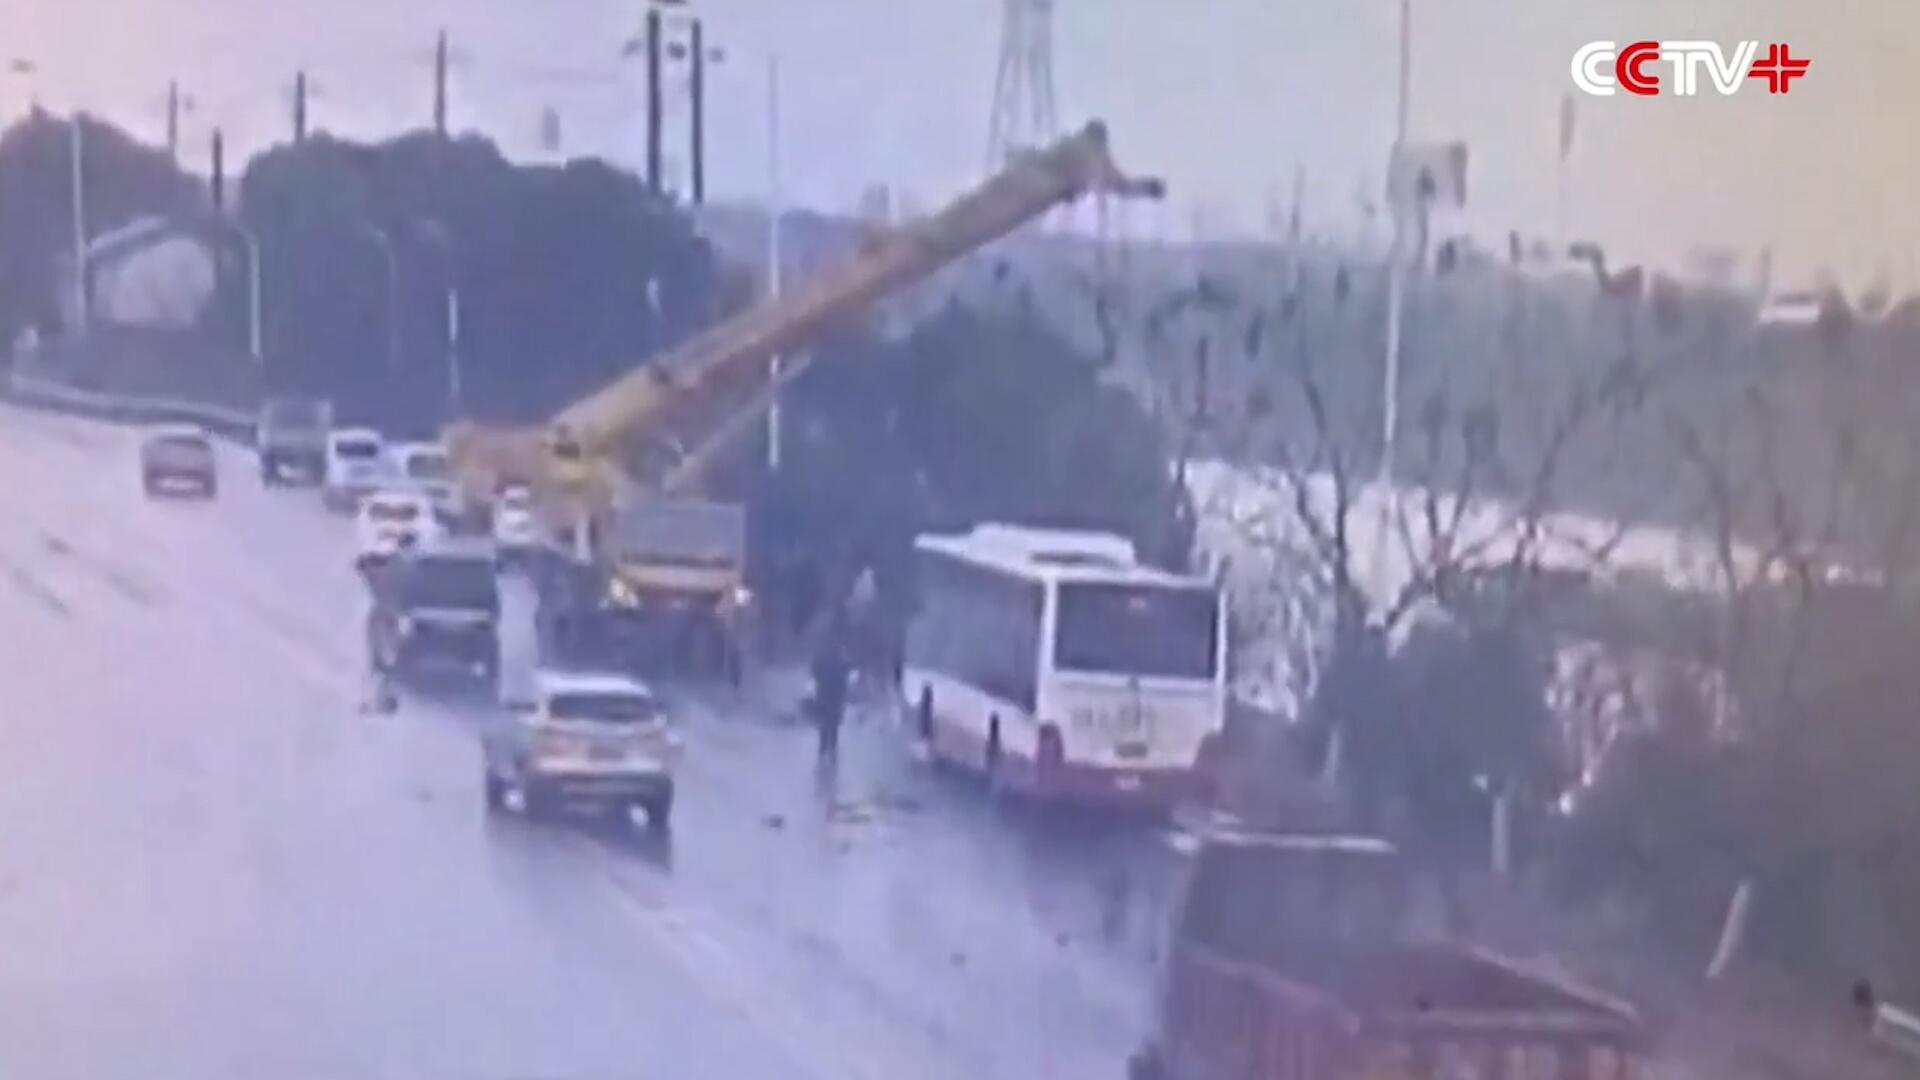 Bild zu Schnell reagiert: Kranführer rettet Insassen aus verunglücktem Bus